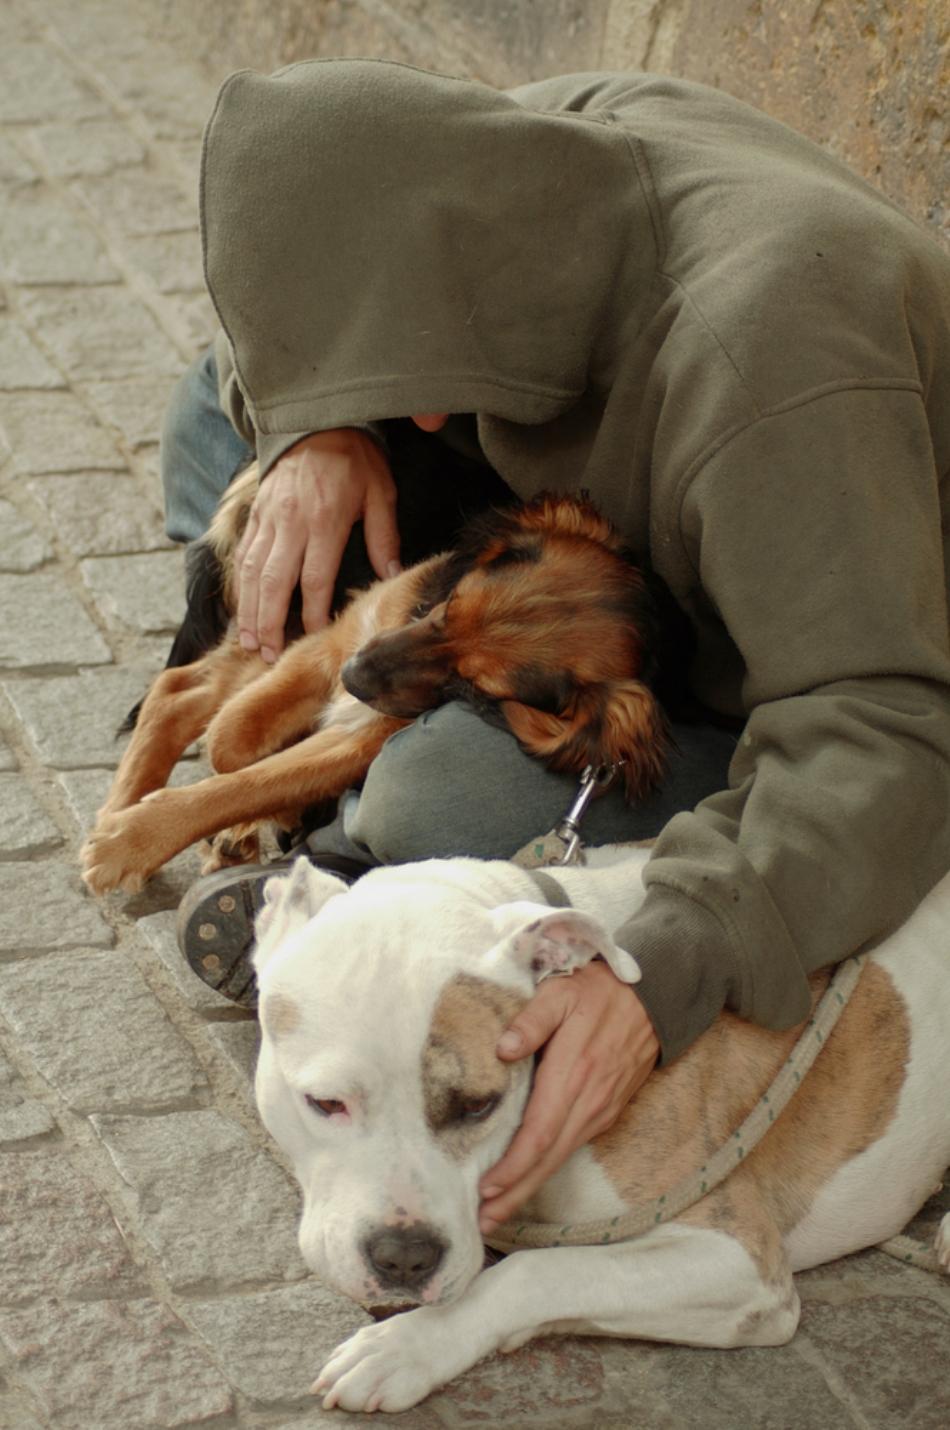 Adesea, câinii maidanezi tânjesc după afecţiunea oamenilor la fel precum câinii de rasă.